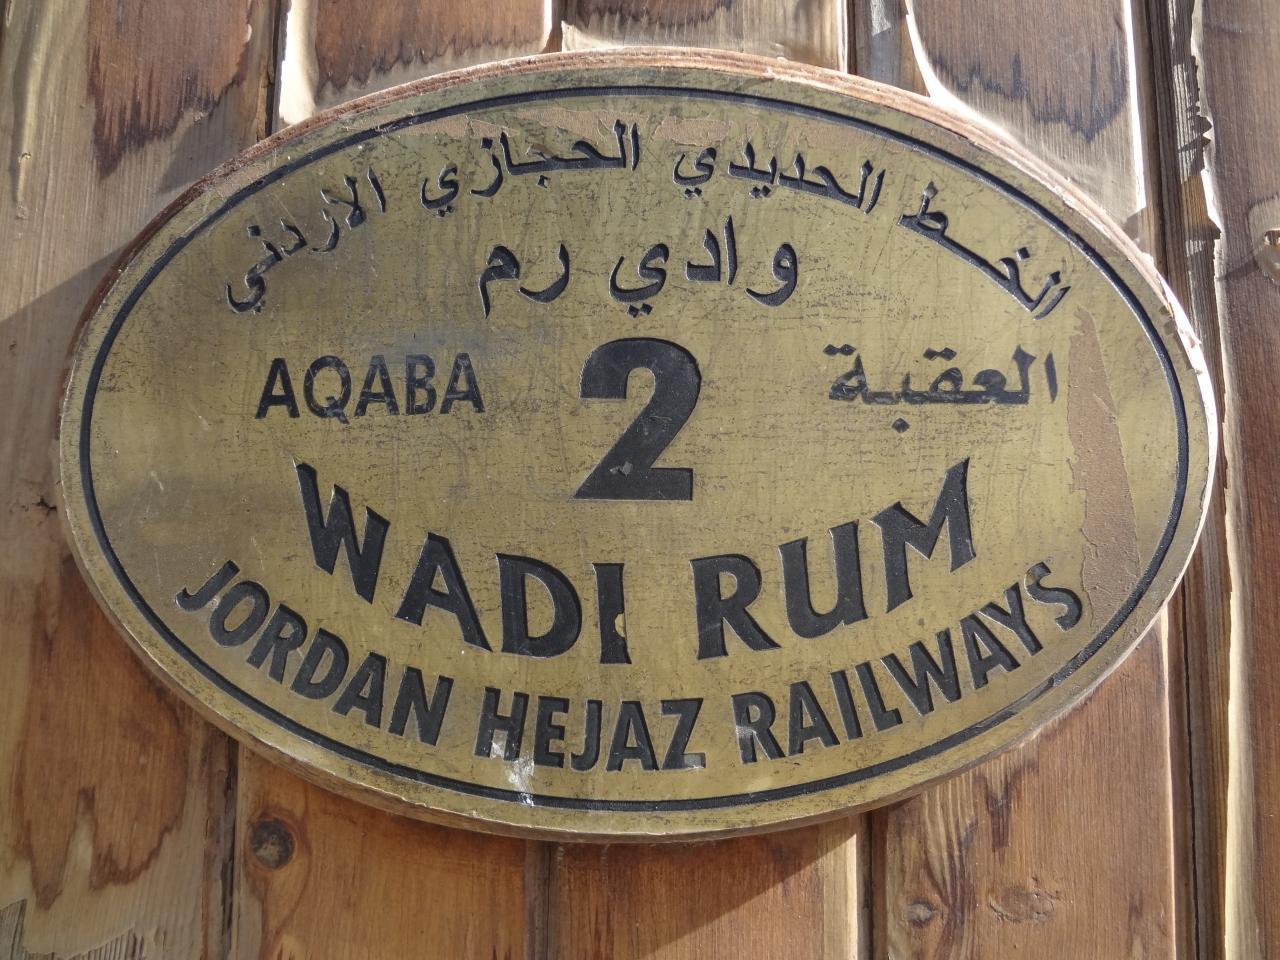 アラビアのロレンスが攻撃したヒジャーズ鉄道に乗る~アンマン←→アンマン空港付近